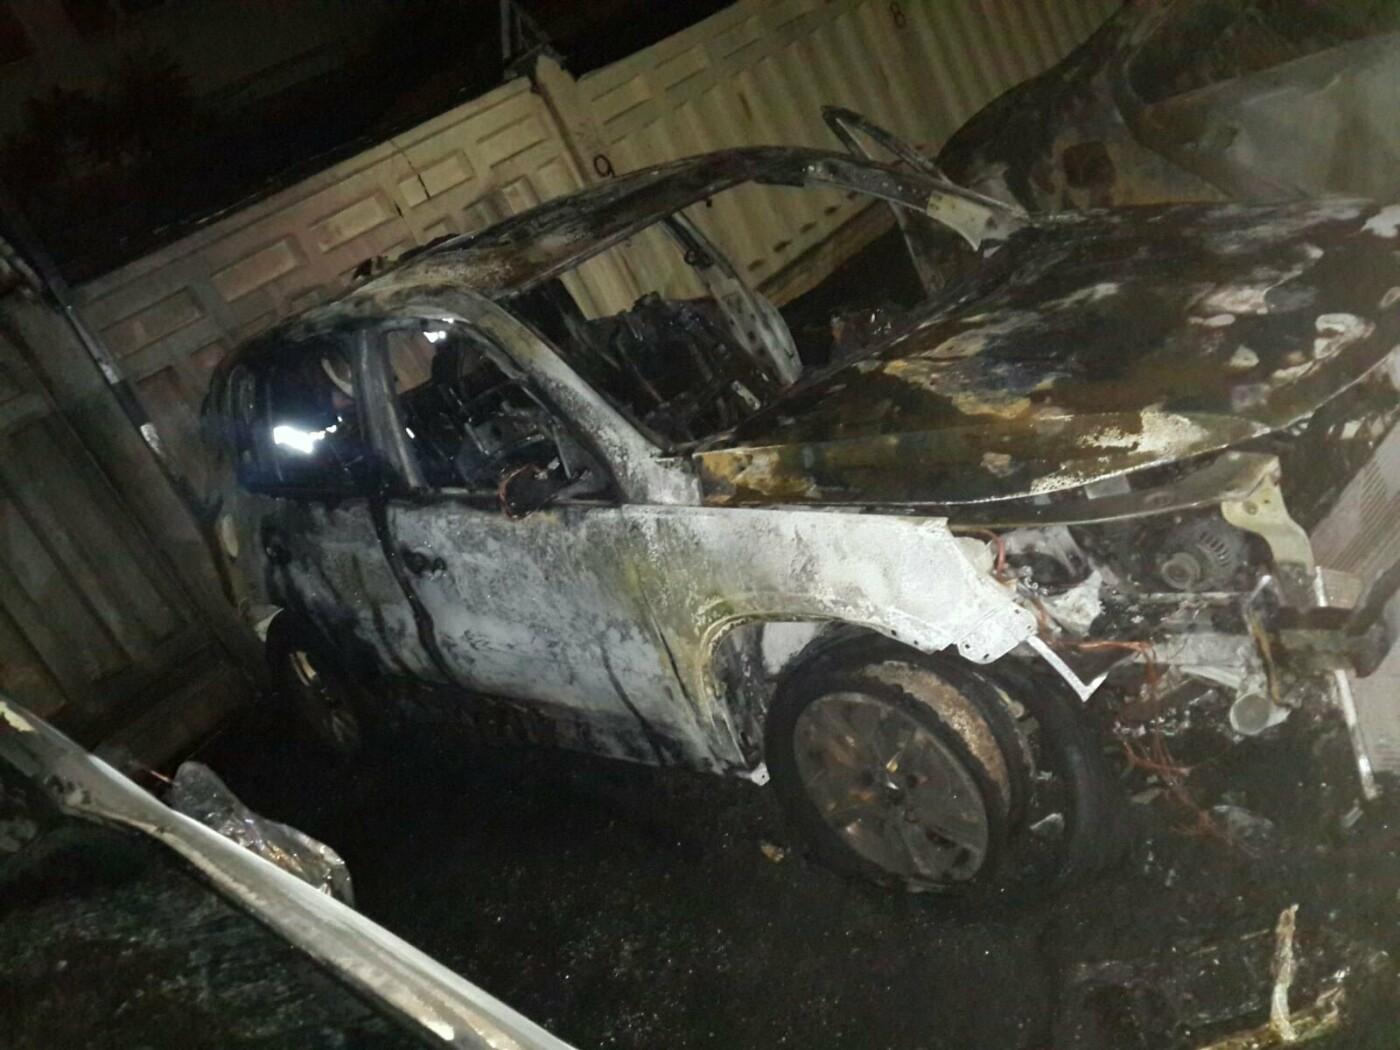 В Харькове возле парковки сгорели два внедорожника и легковой автомобиль, - ФОТО, фото-1